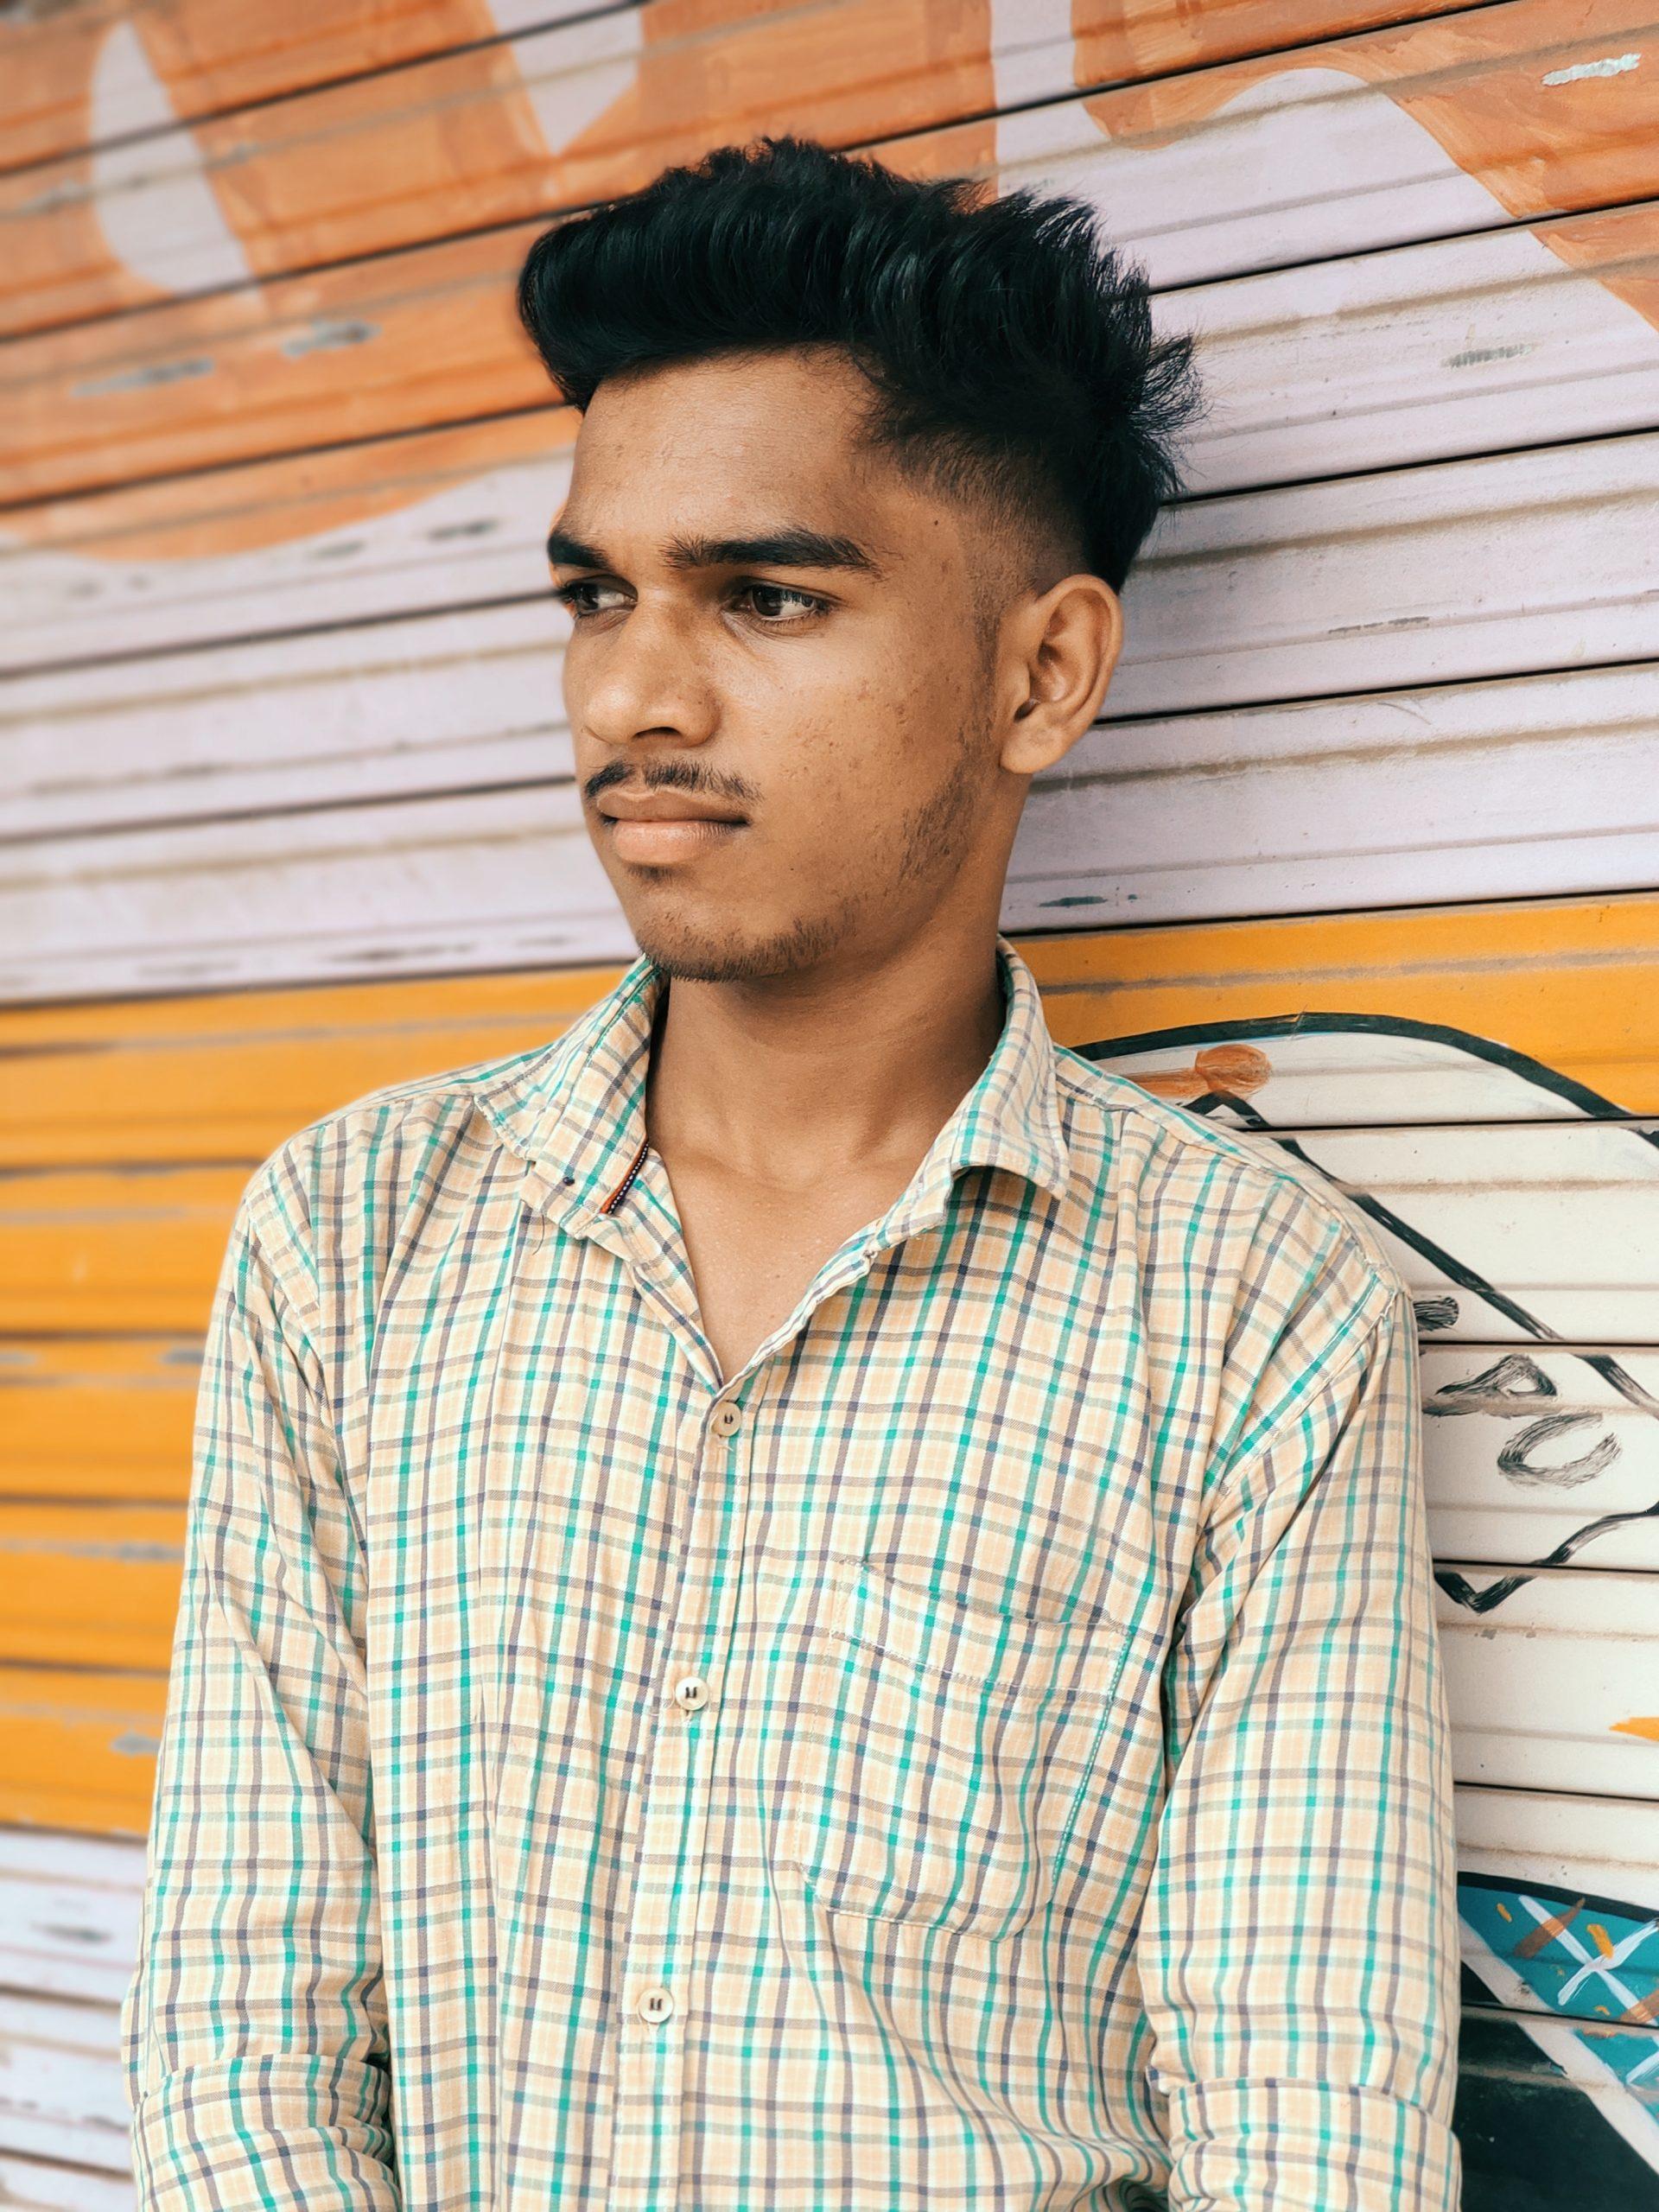 Boy posing in front of shutter